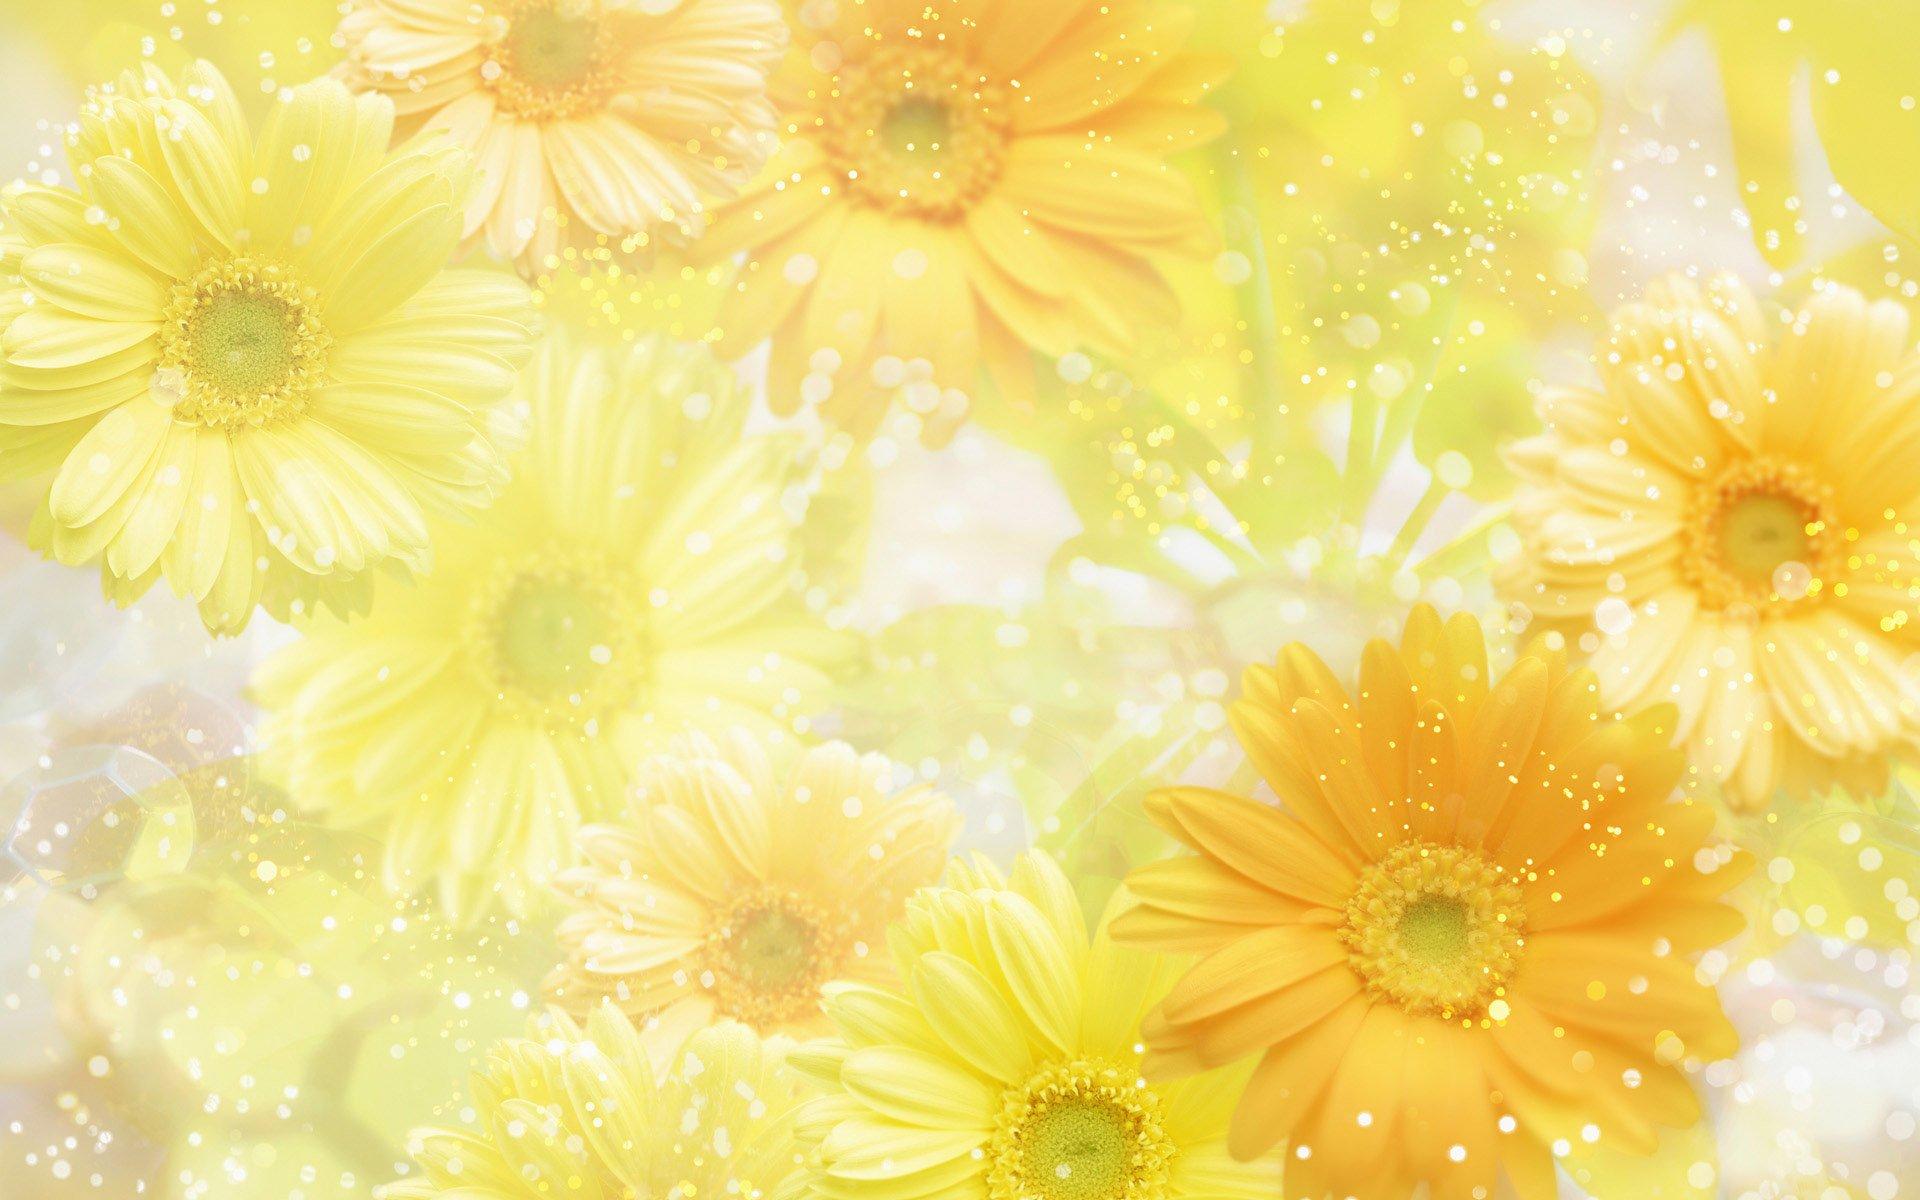 Flower Yellow Wallpaper Wide HD